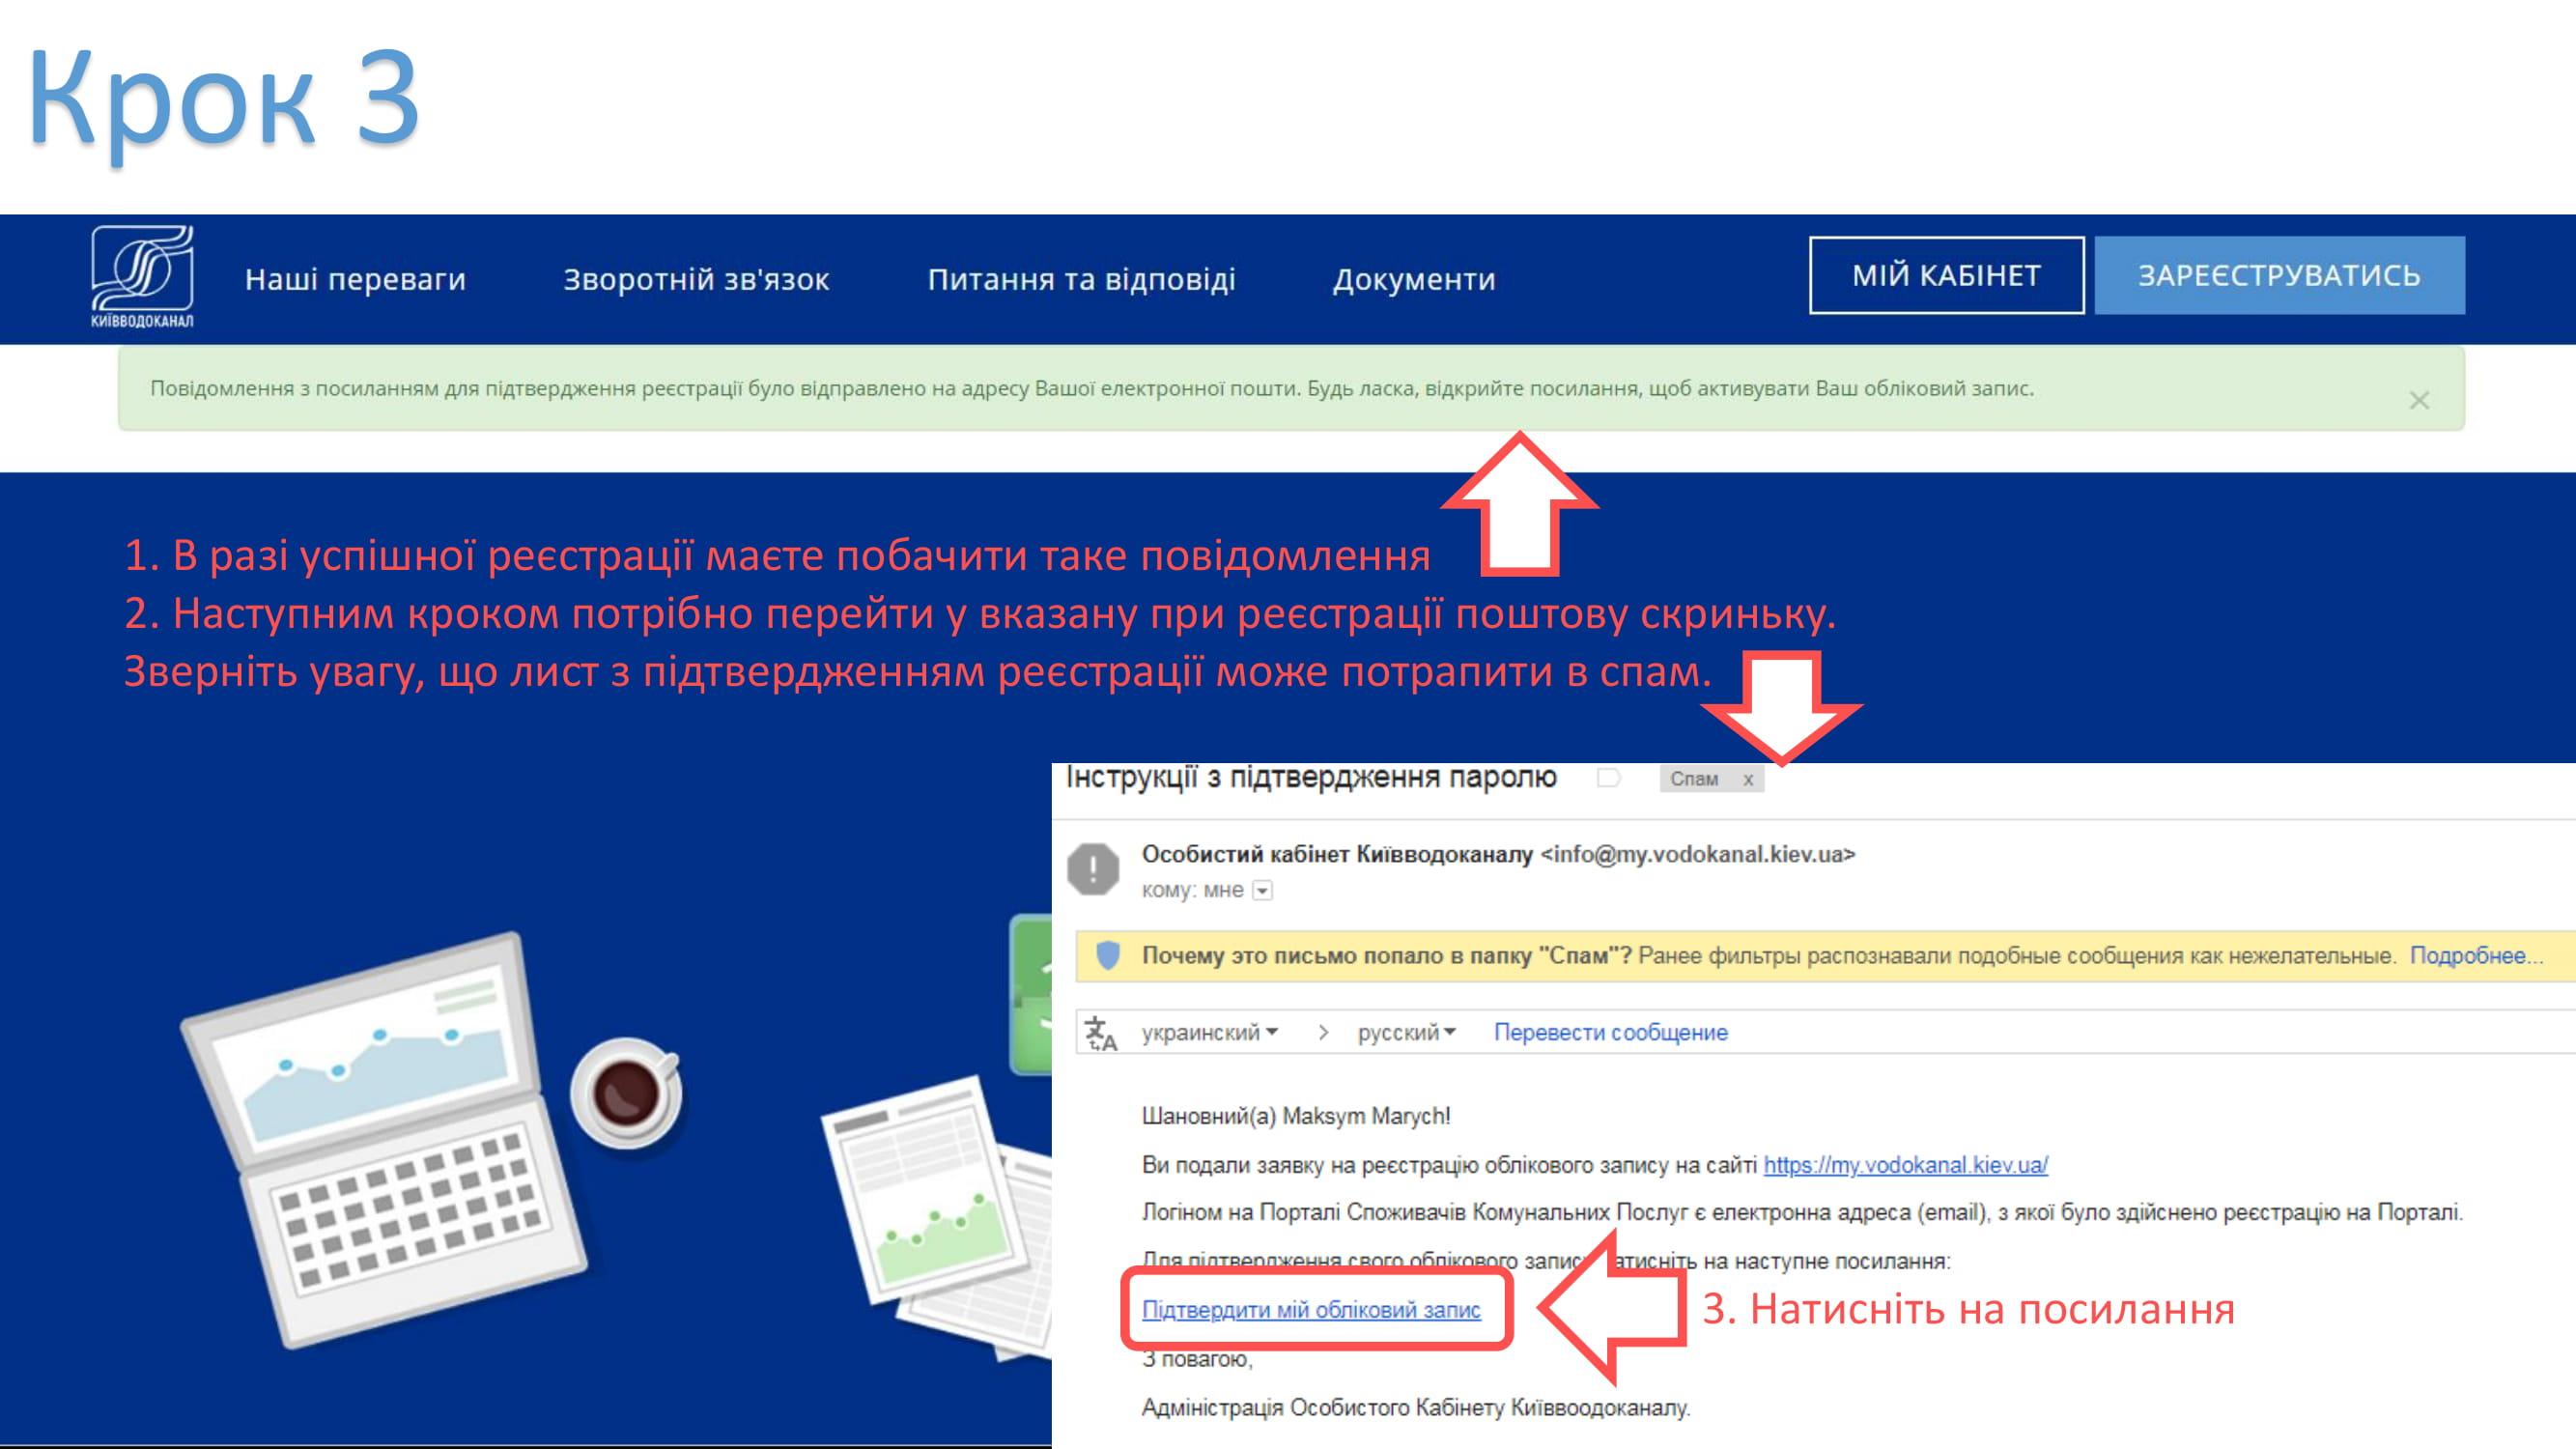 instrukciya kievvodokanal - Киевводоканал. Инструкция по регистрации в личном кабинете